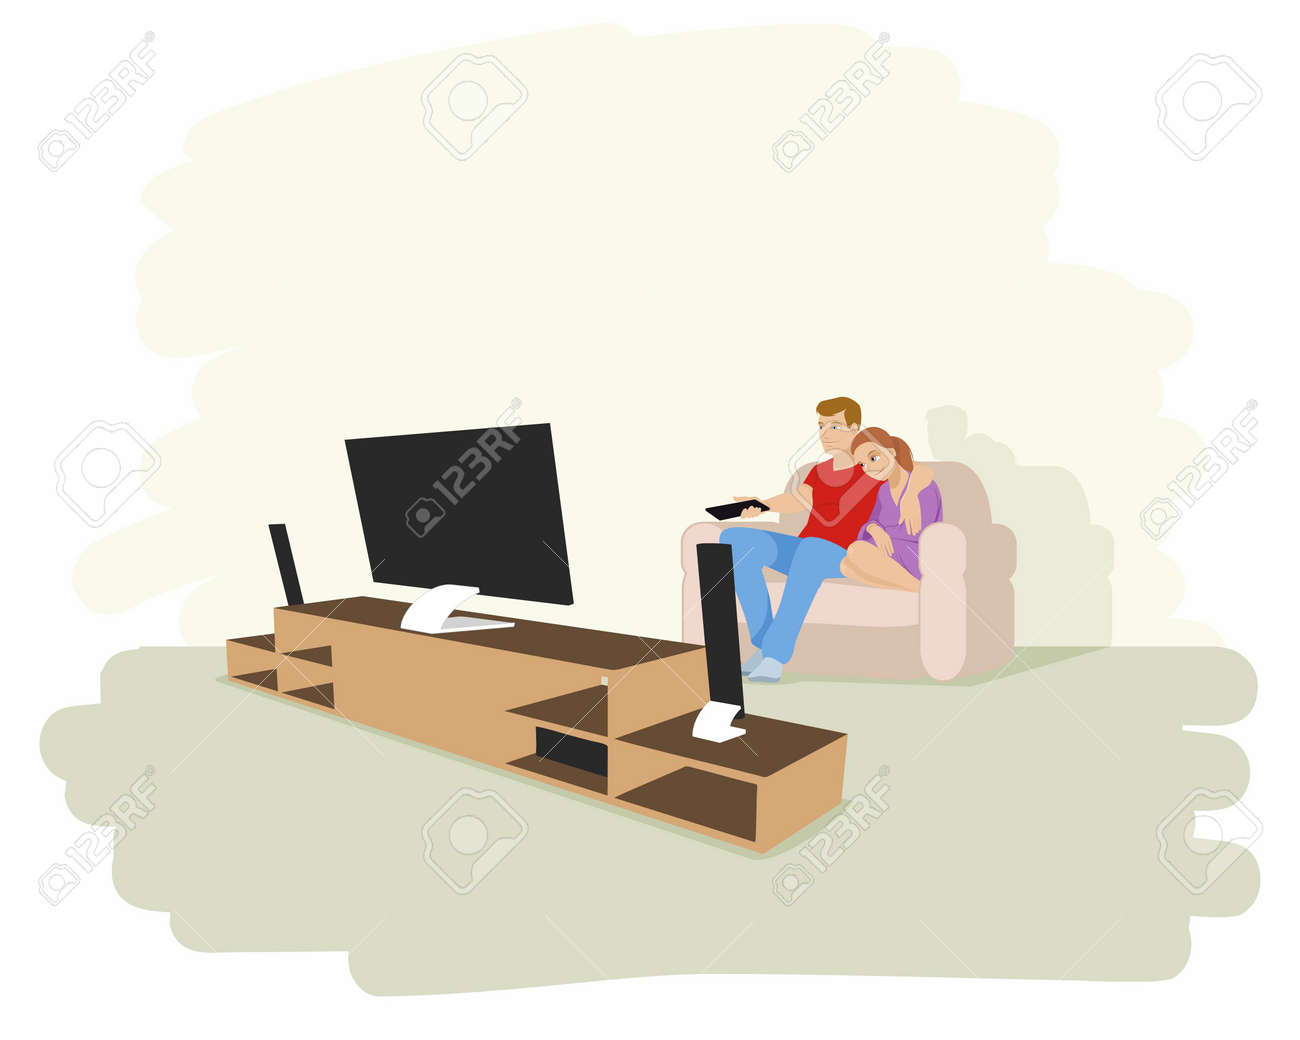 テレビを見ているカップルのベクトル イラスト ロイヤリティフリー